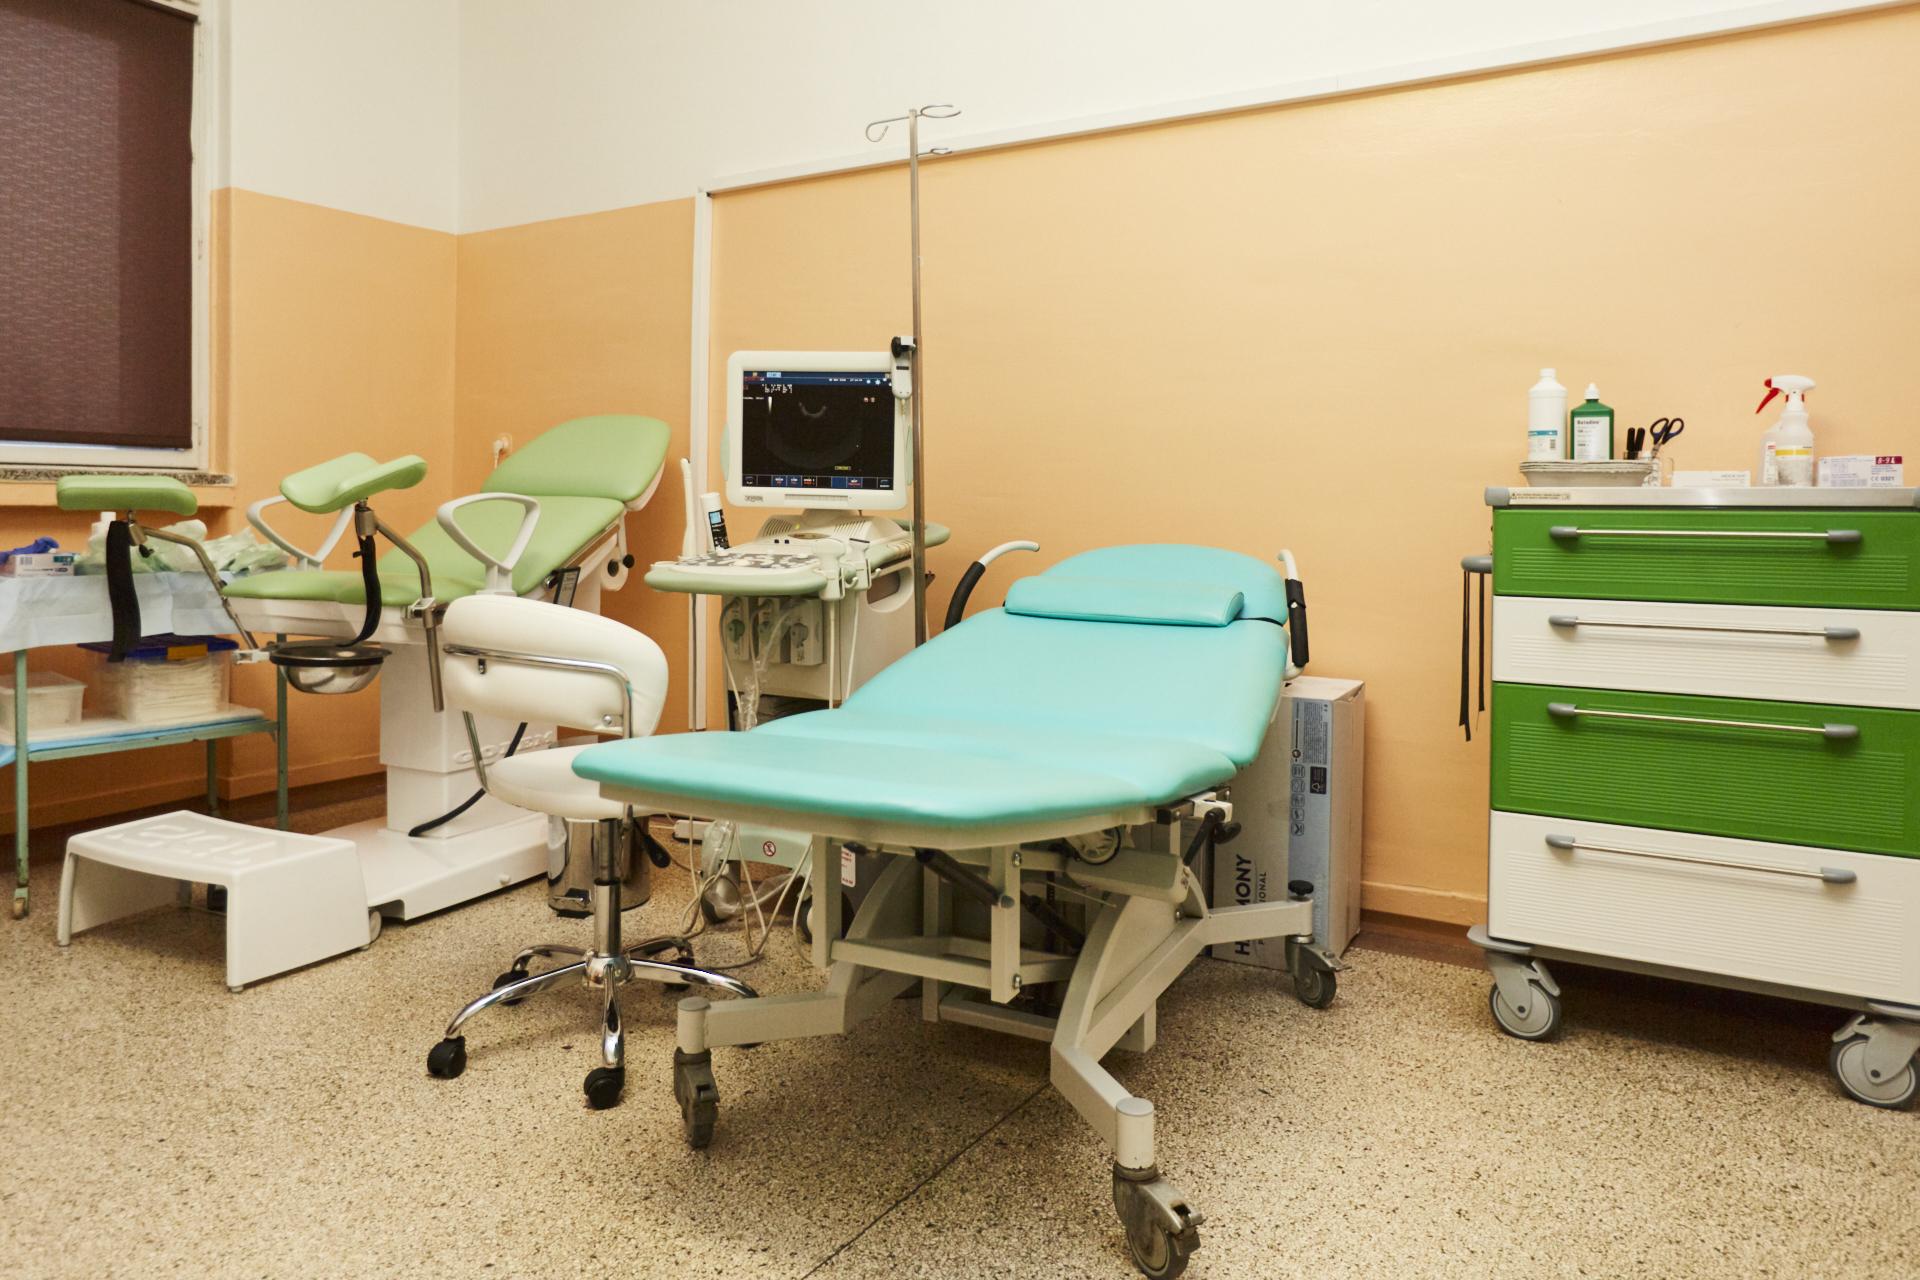 b19652f31 mammarne-centrum-nemocnica-svet-zdravia-michalovce (39) - ProCare